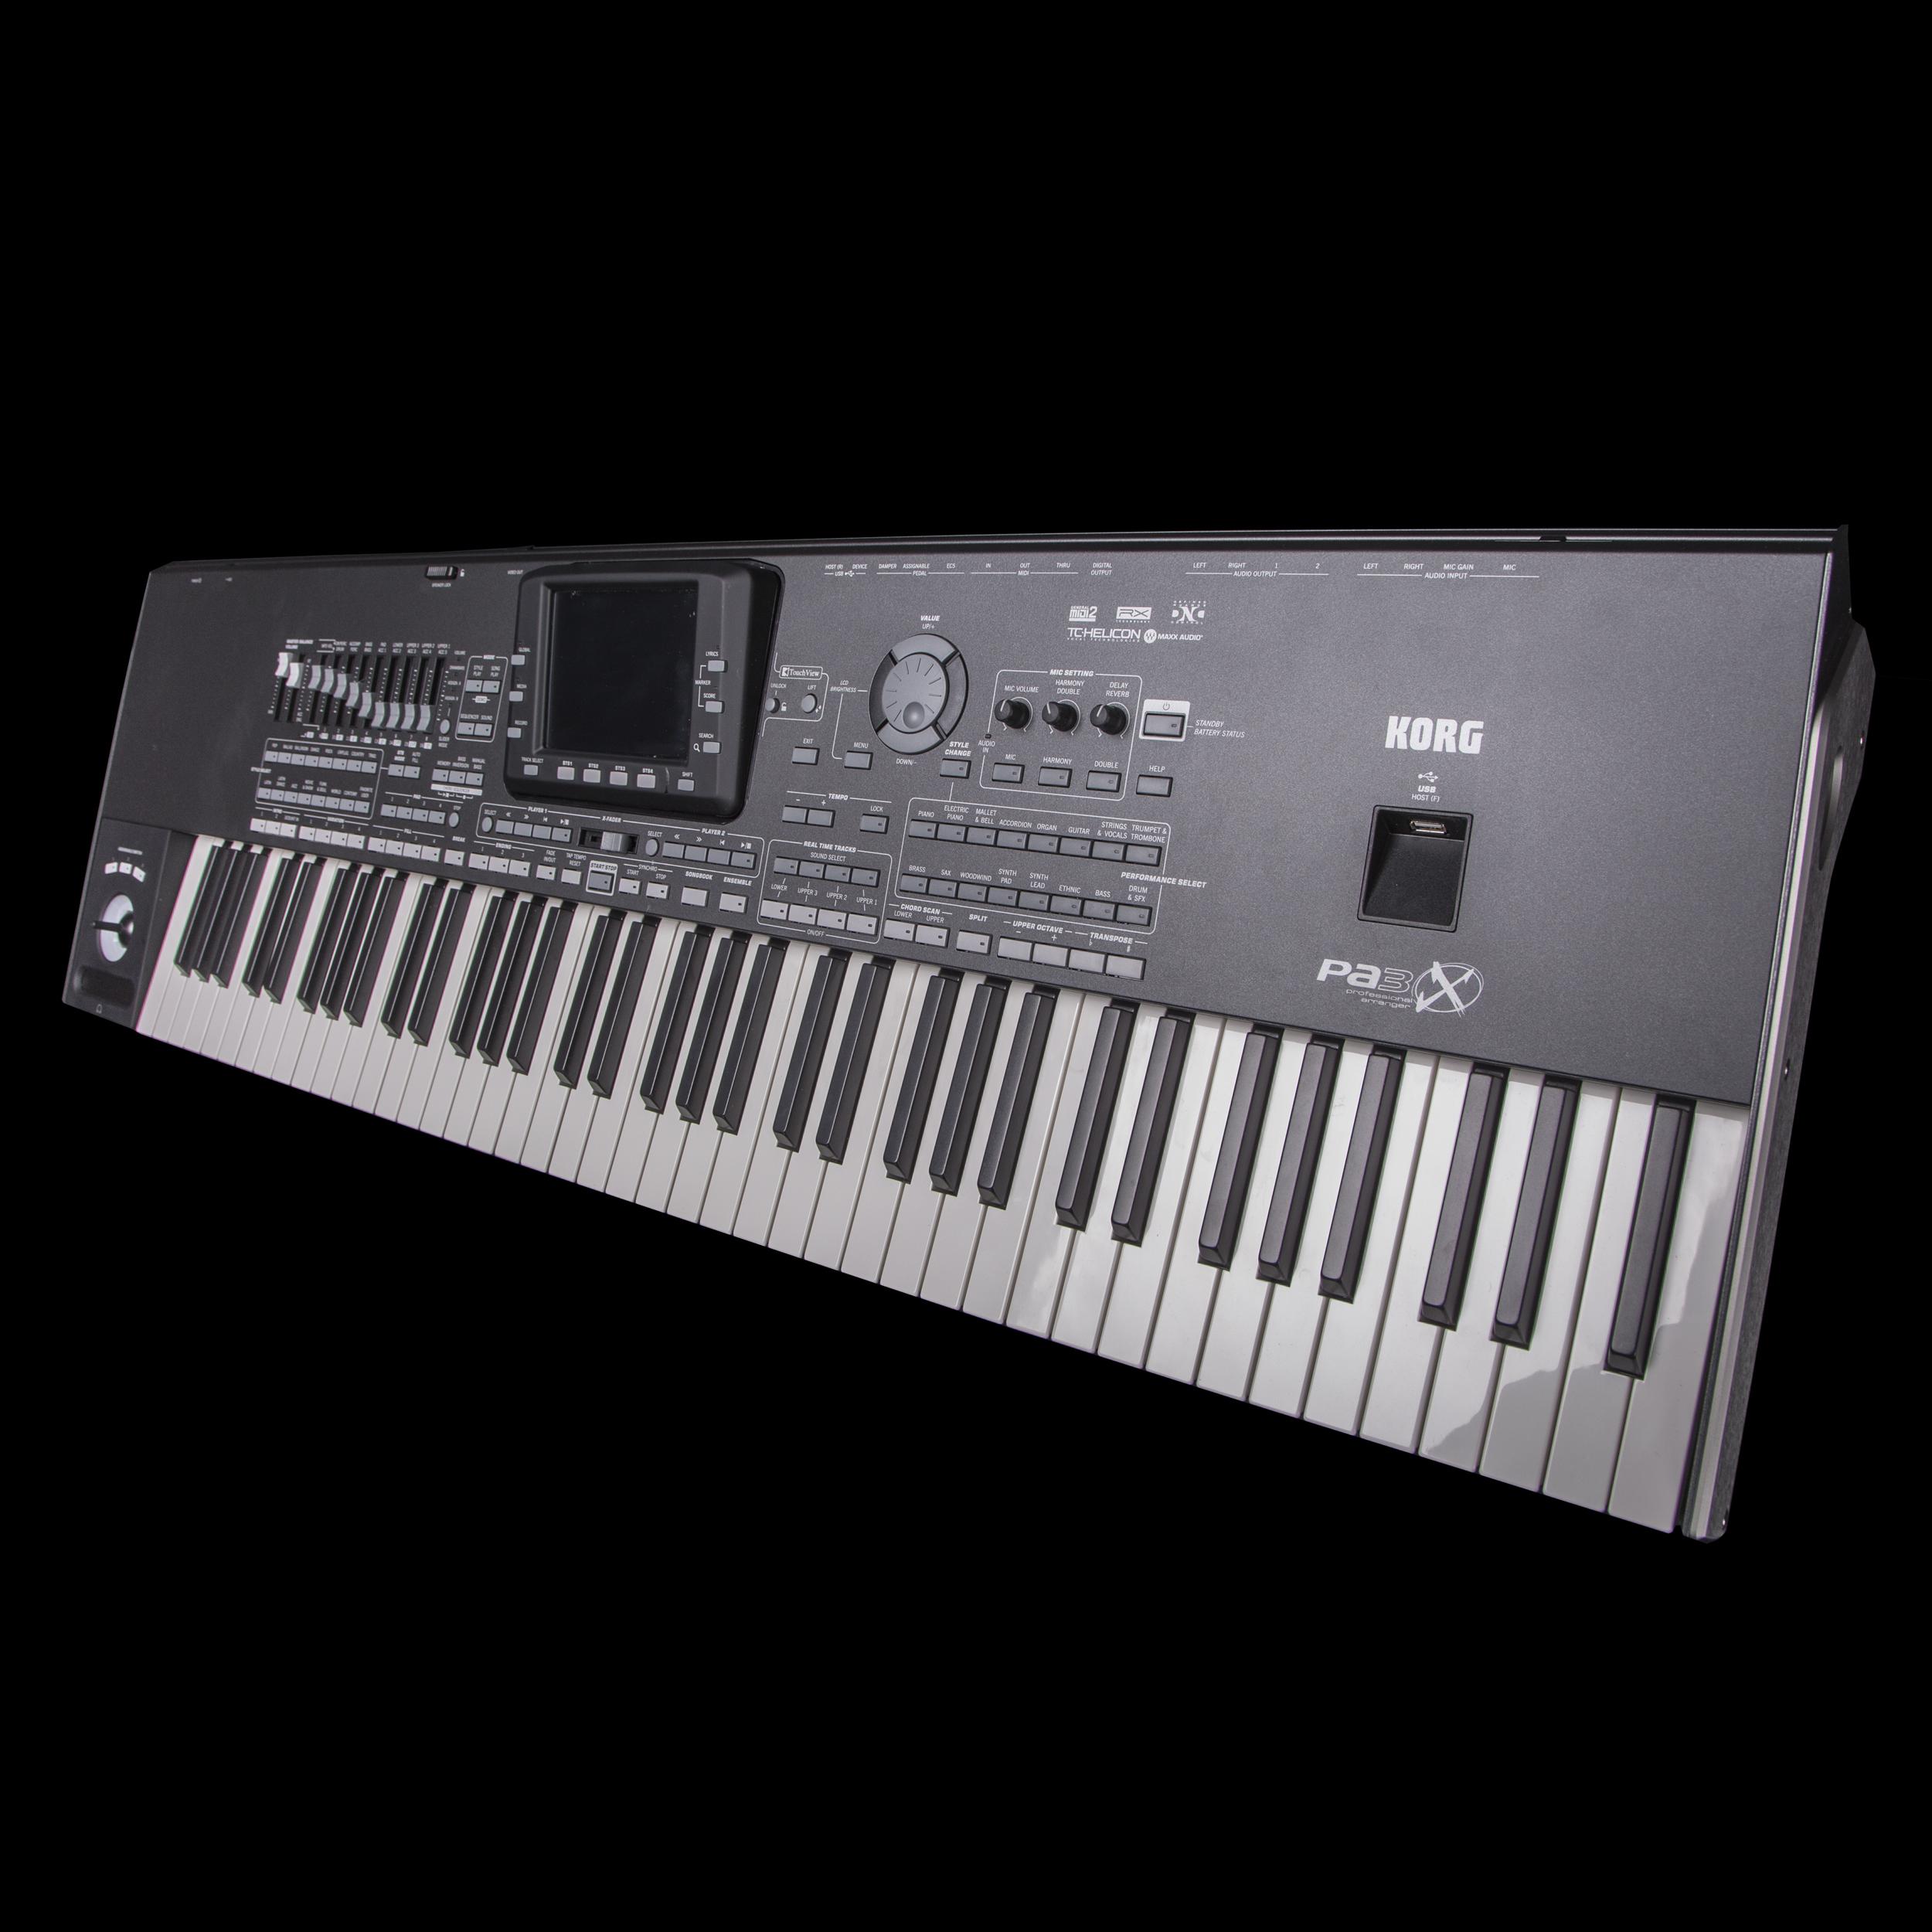 Professional Keyboard Workstation : korg pa3x76 76 key professional arranger workstation ~ Hamham.info Haus und Dekorationen